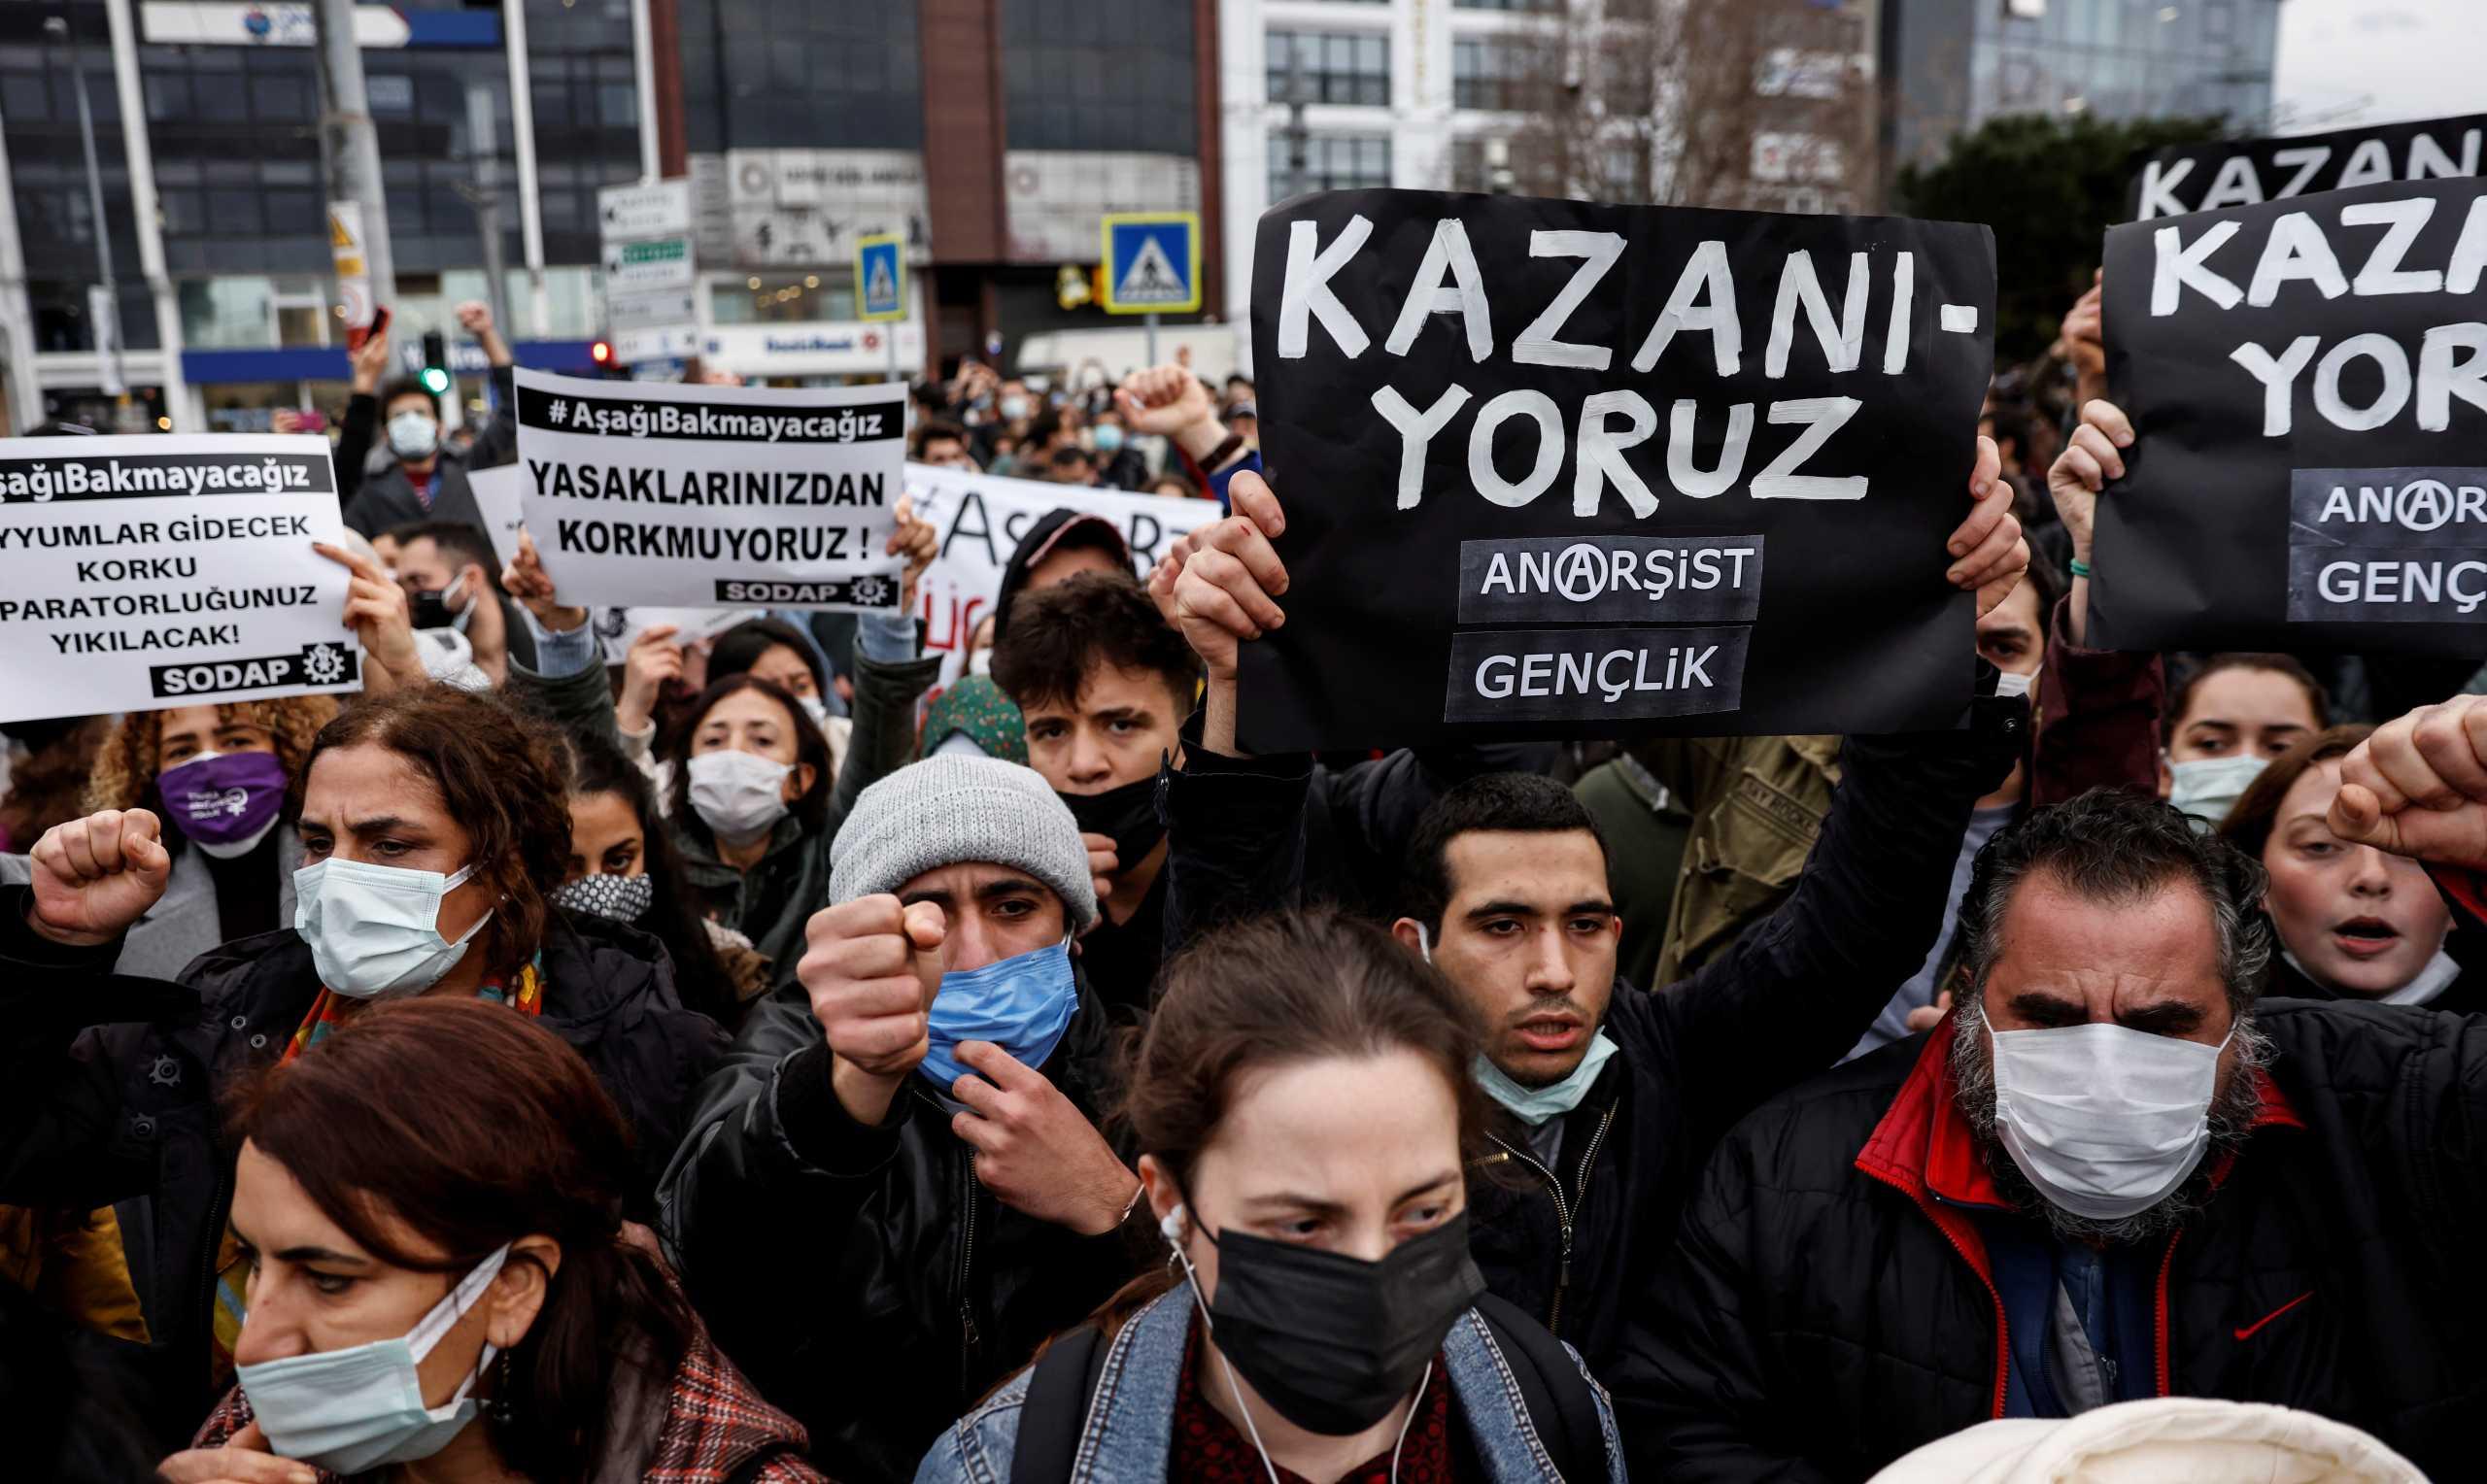 Δίχως τέλος οι διαδηλώσεις στην Τουρκία – Δεν παραιτείται ο «φυτευτός» πρύτανης του Ερντογάν